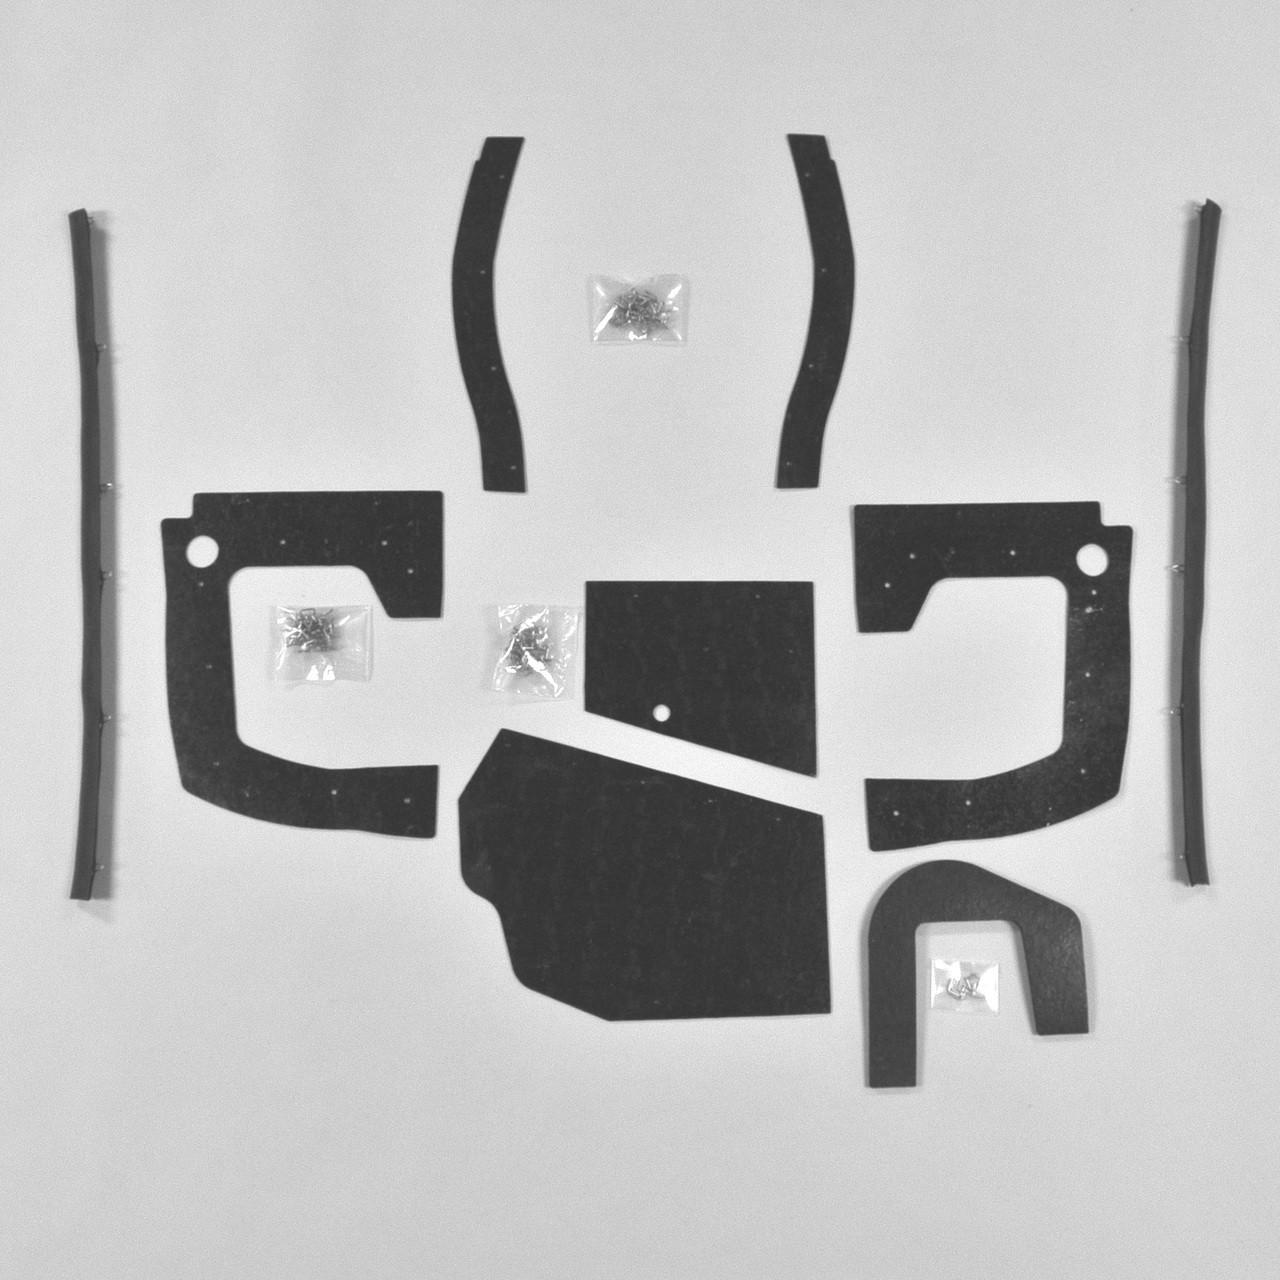 68 69 Roadrunner Satellite GTX Frt Bumper Lower Shield